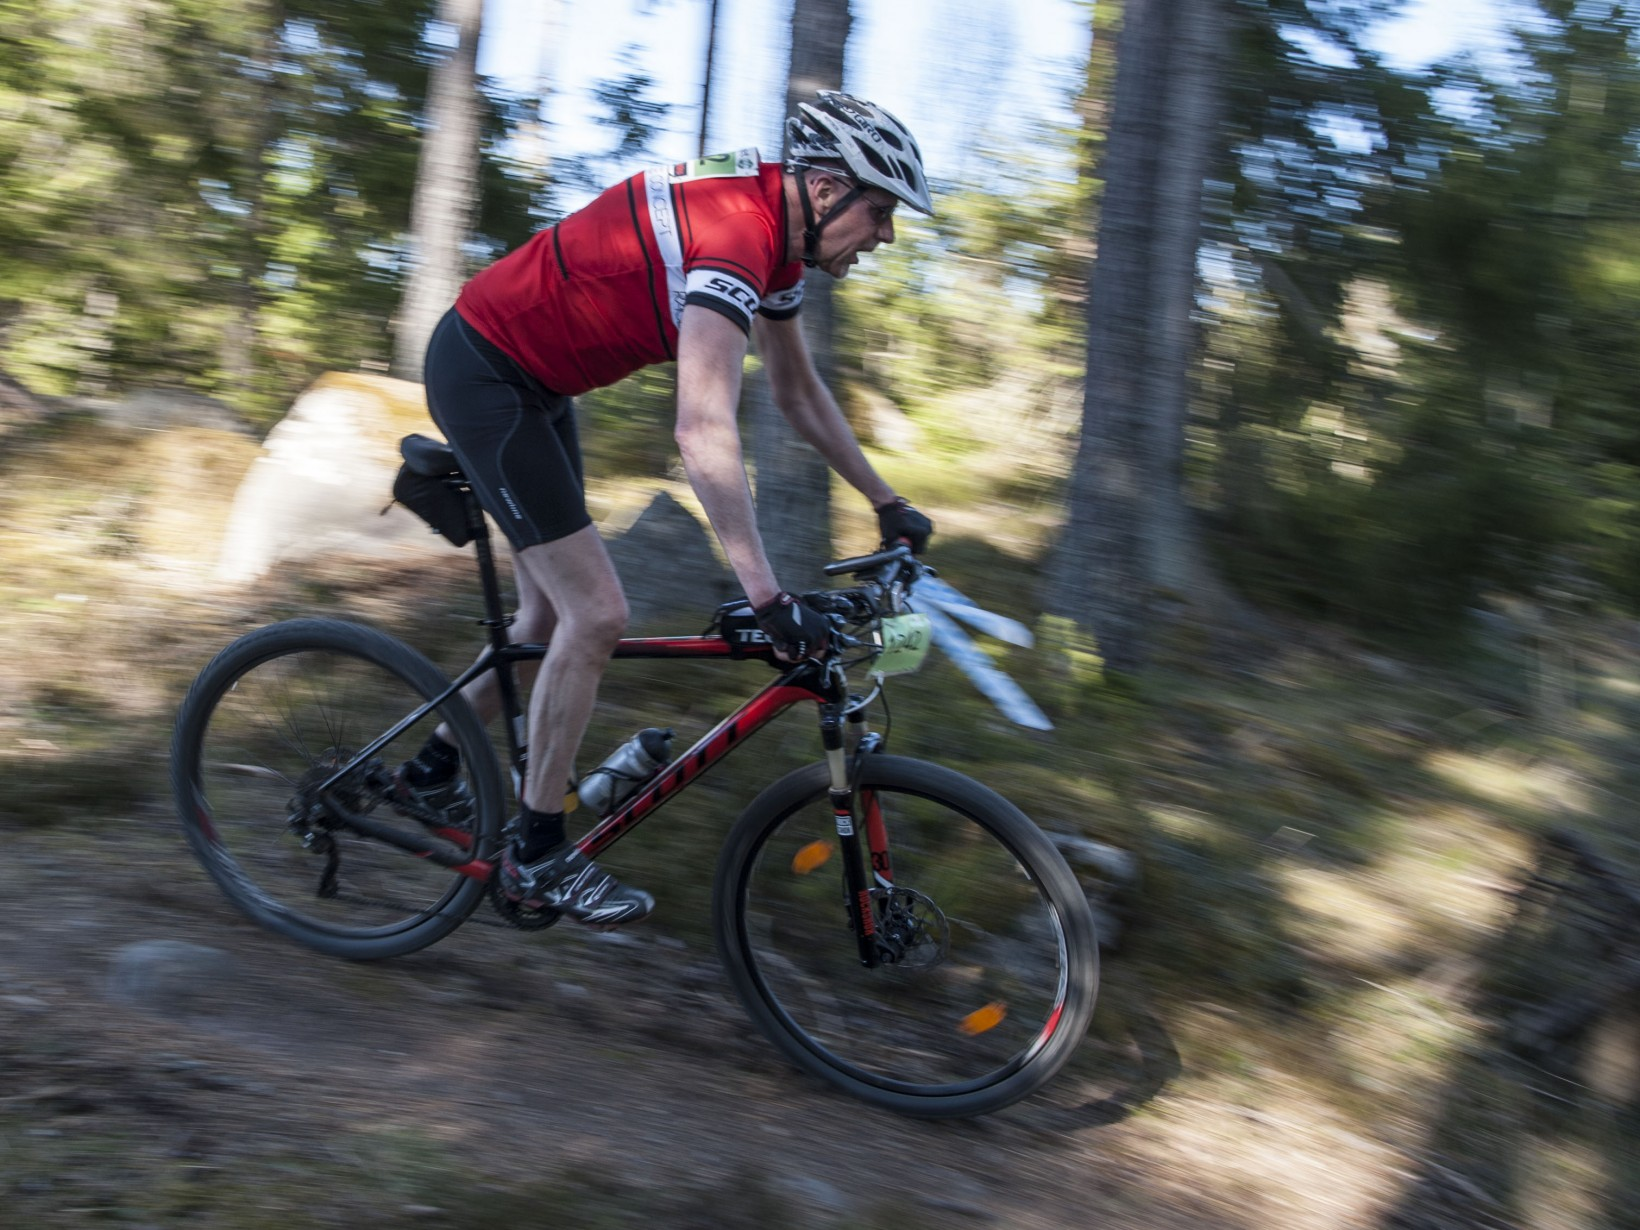 Jesper_Andersson__JAN7418_www.jeppman.com